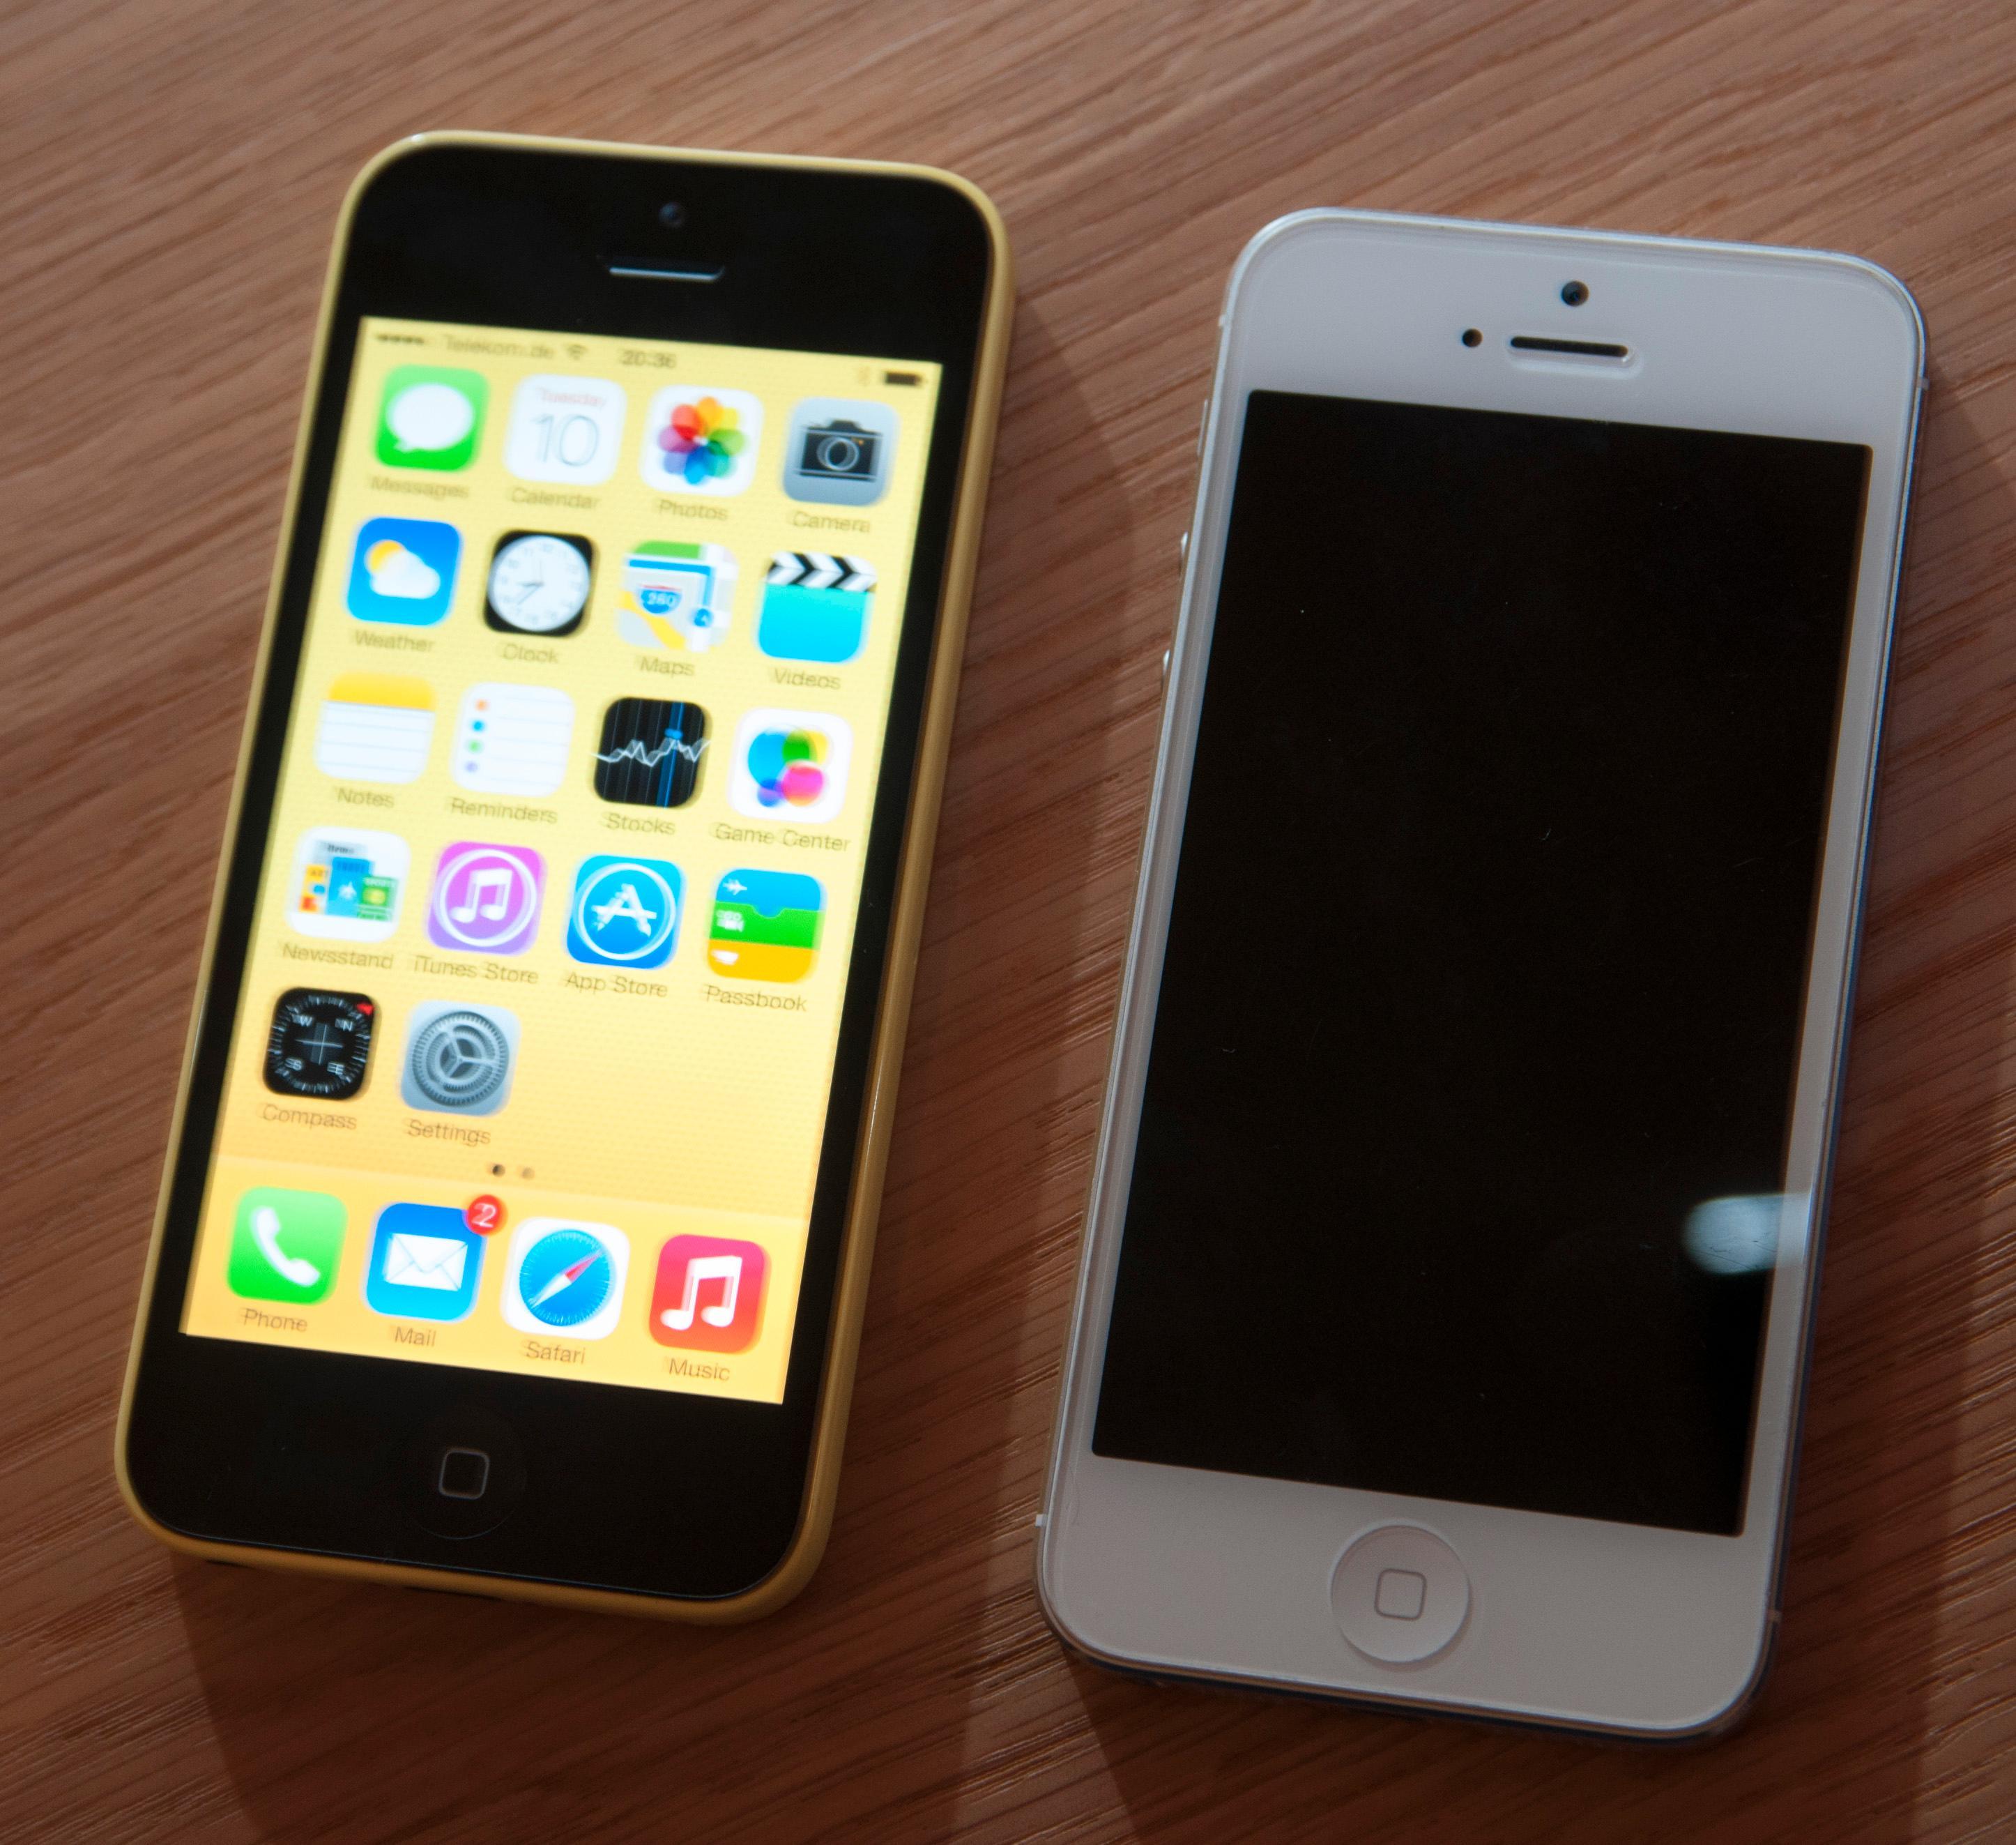 I kveld lanserte Apple også iPhone 5C. Telefonen er bygget i plast, og skal være så godt som identisk med dagens iPhone 5 på innsiden. Her er det éne bildet vi fikk ta av den ved siden av opphavet.Foto: Finn Jarle Kvalheim, Amobil.no